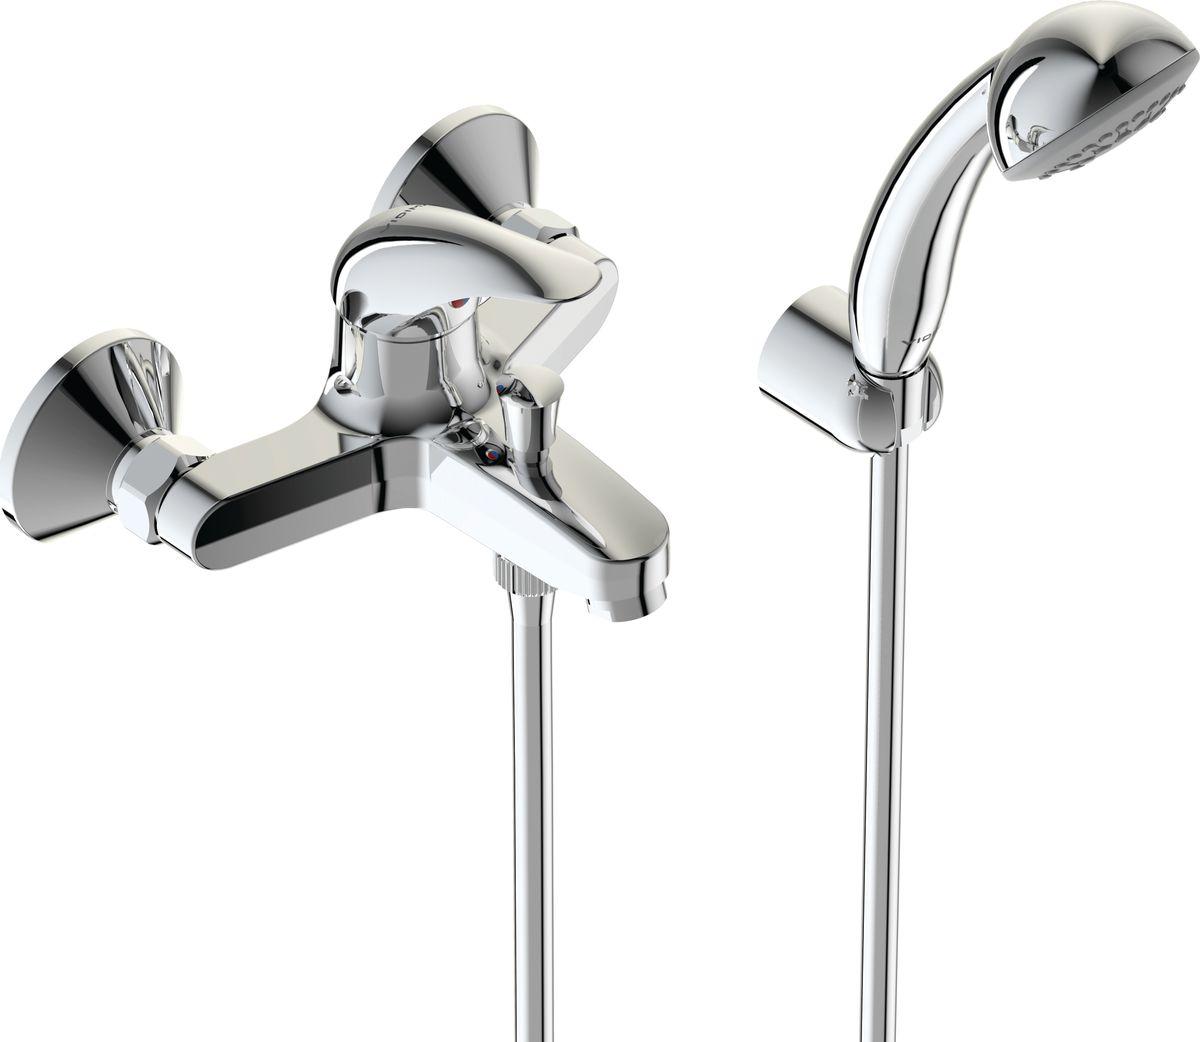 Смеситель для ванны Vidima Орион. BA004AABA004AAСмеситель для ванны Vidima Орион имеет корпус и излив из 100% латуни. Изделие устанавливается на стену. Система облегченного монтажа SmartFix обеспечивает комфорт во время установки и надежность эксплуатации. Монтаж производится на стандартных эксцентриках (в комплекте: эксцентрики, металлические отражатели, уплотнительные прокладки). Смеситель снабжен литым изливом и аэратором Perlator. Металлическая рукоятка имеет систему защиты от нагревания Comfort Touch и индикатор холодной/горячей воды. Душевой гарнитур в комплекте (душевая лейка, металлический шланг, держатель для лейки). Переключение ванна/душ осуществляется вручную. Возможность использовать функцию душ даже при очень низком давлении воды. Технические характеристики: Расстояние от стены до аэратора: 152 мм. Керамический картридж: 35 мм. Диаметр душевой лейки: 70 мм. Длина металлического шланга: 150 см.